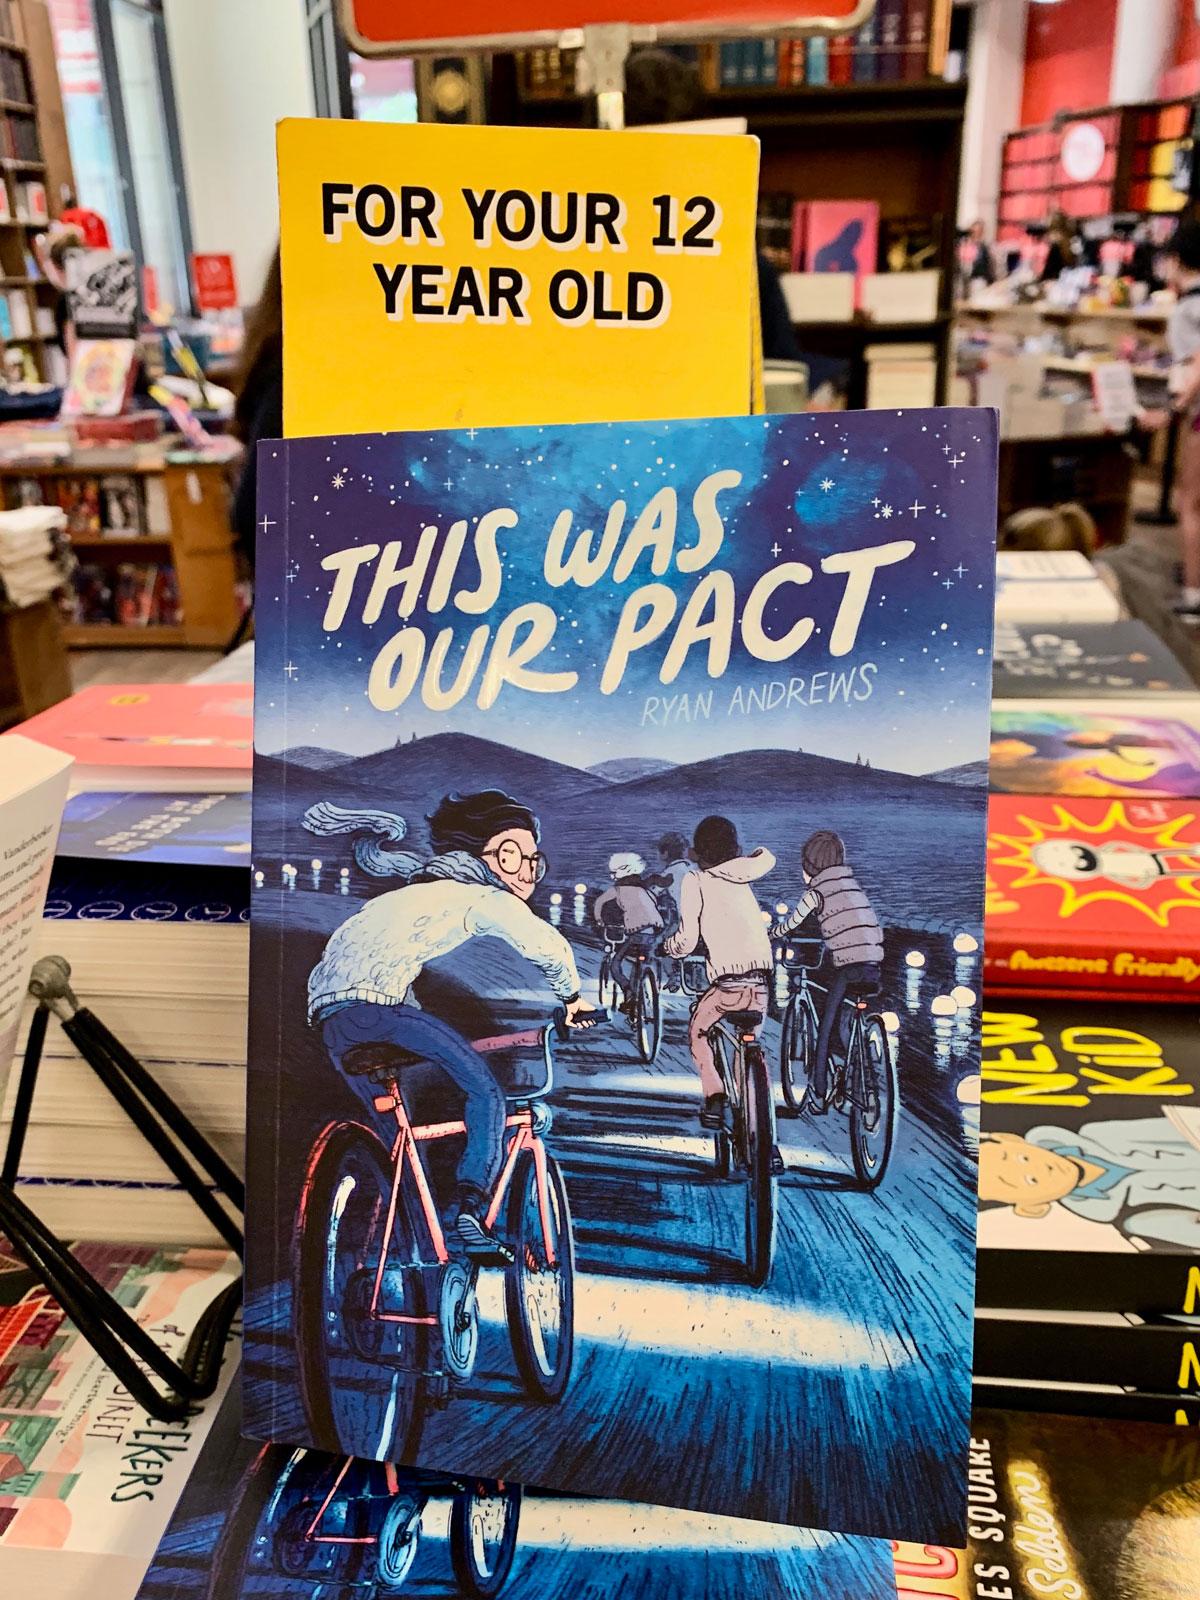 Buchhandlung Storytelling Beispiele